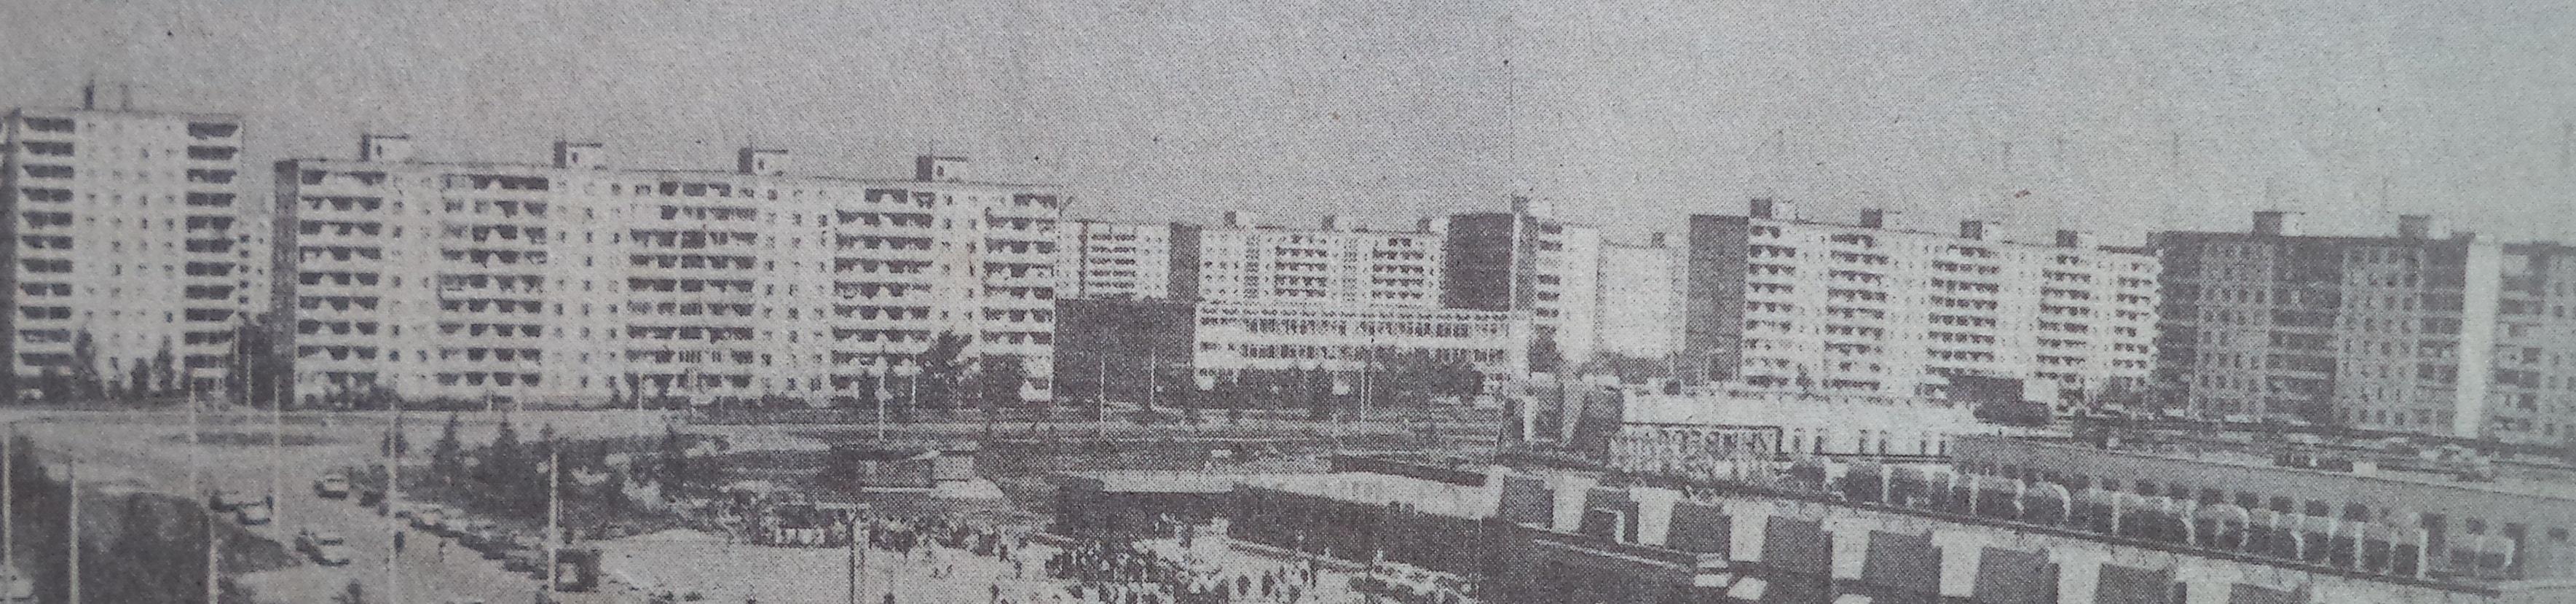 Силина-ФОТО-13-ВЗя-1988-06-13-Приволж. мк